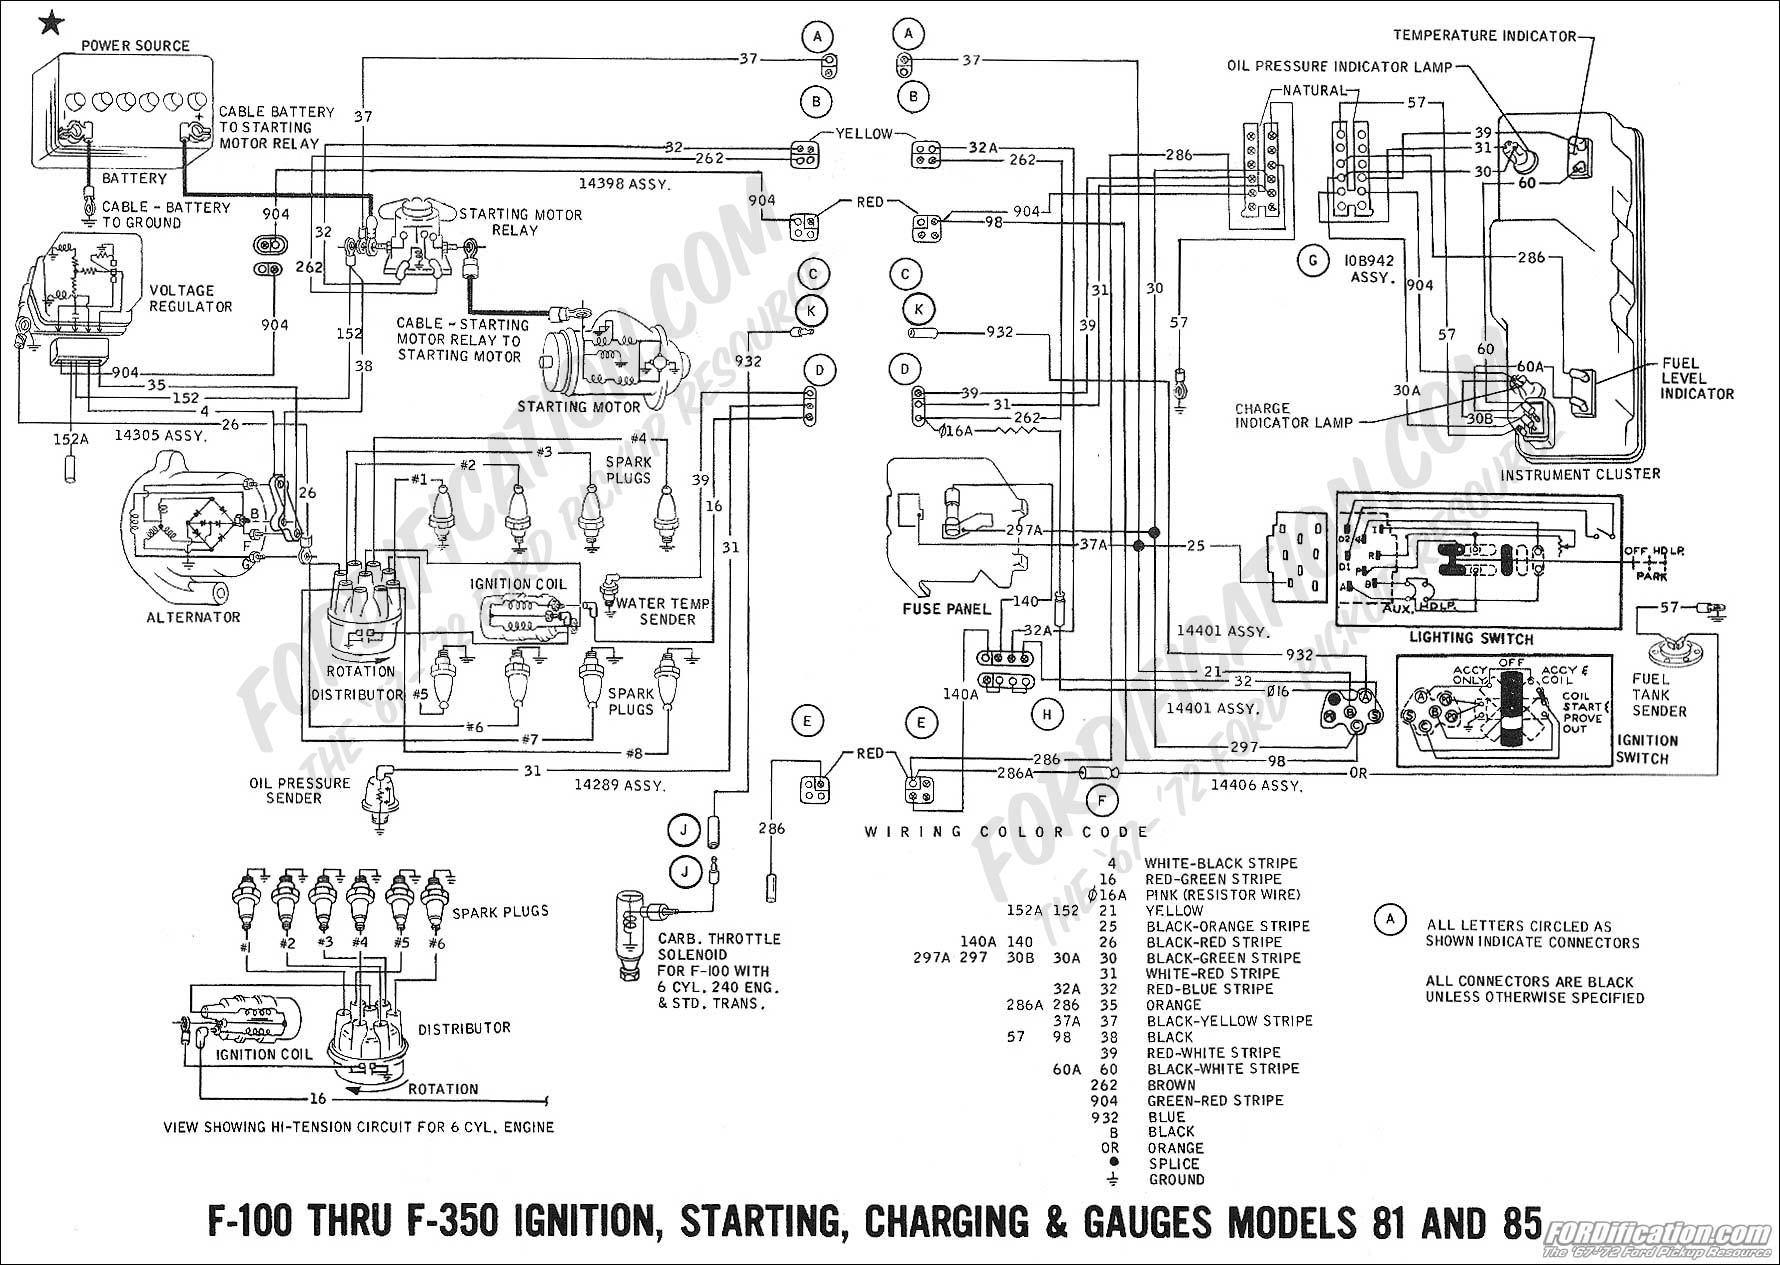 91 ford ranger alternator wiring